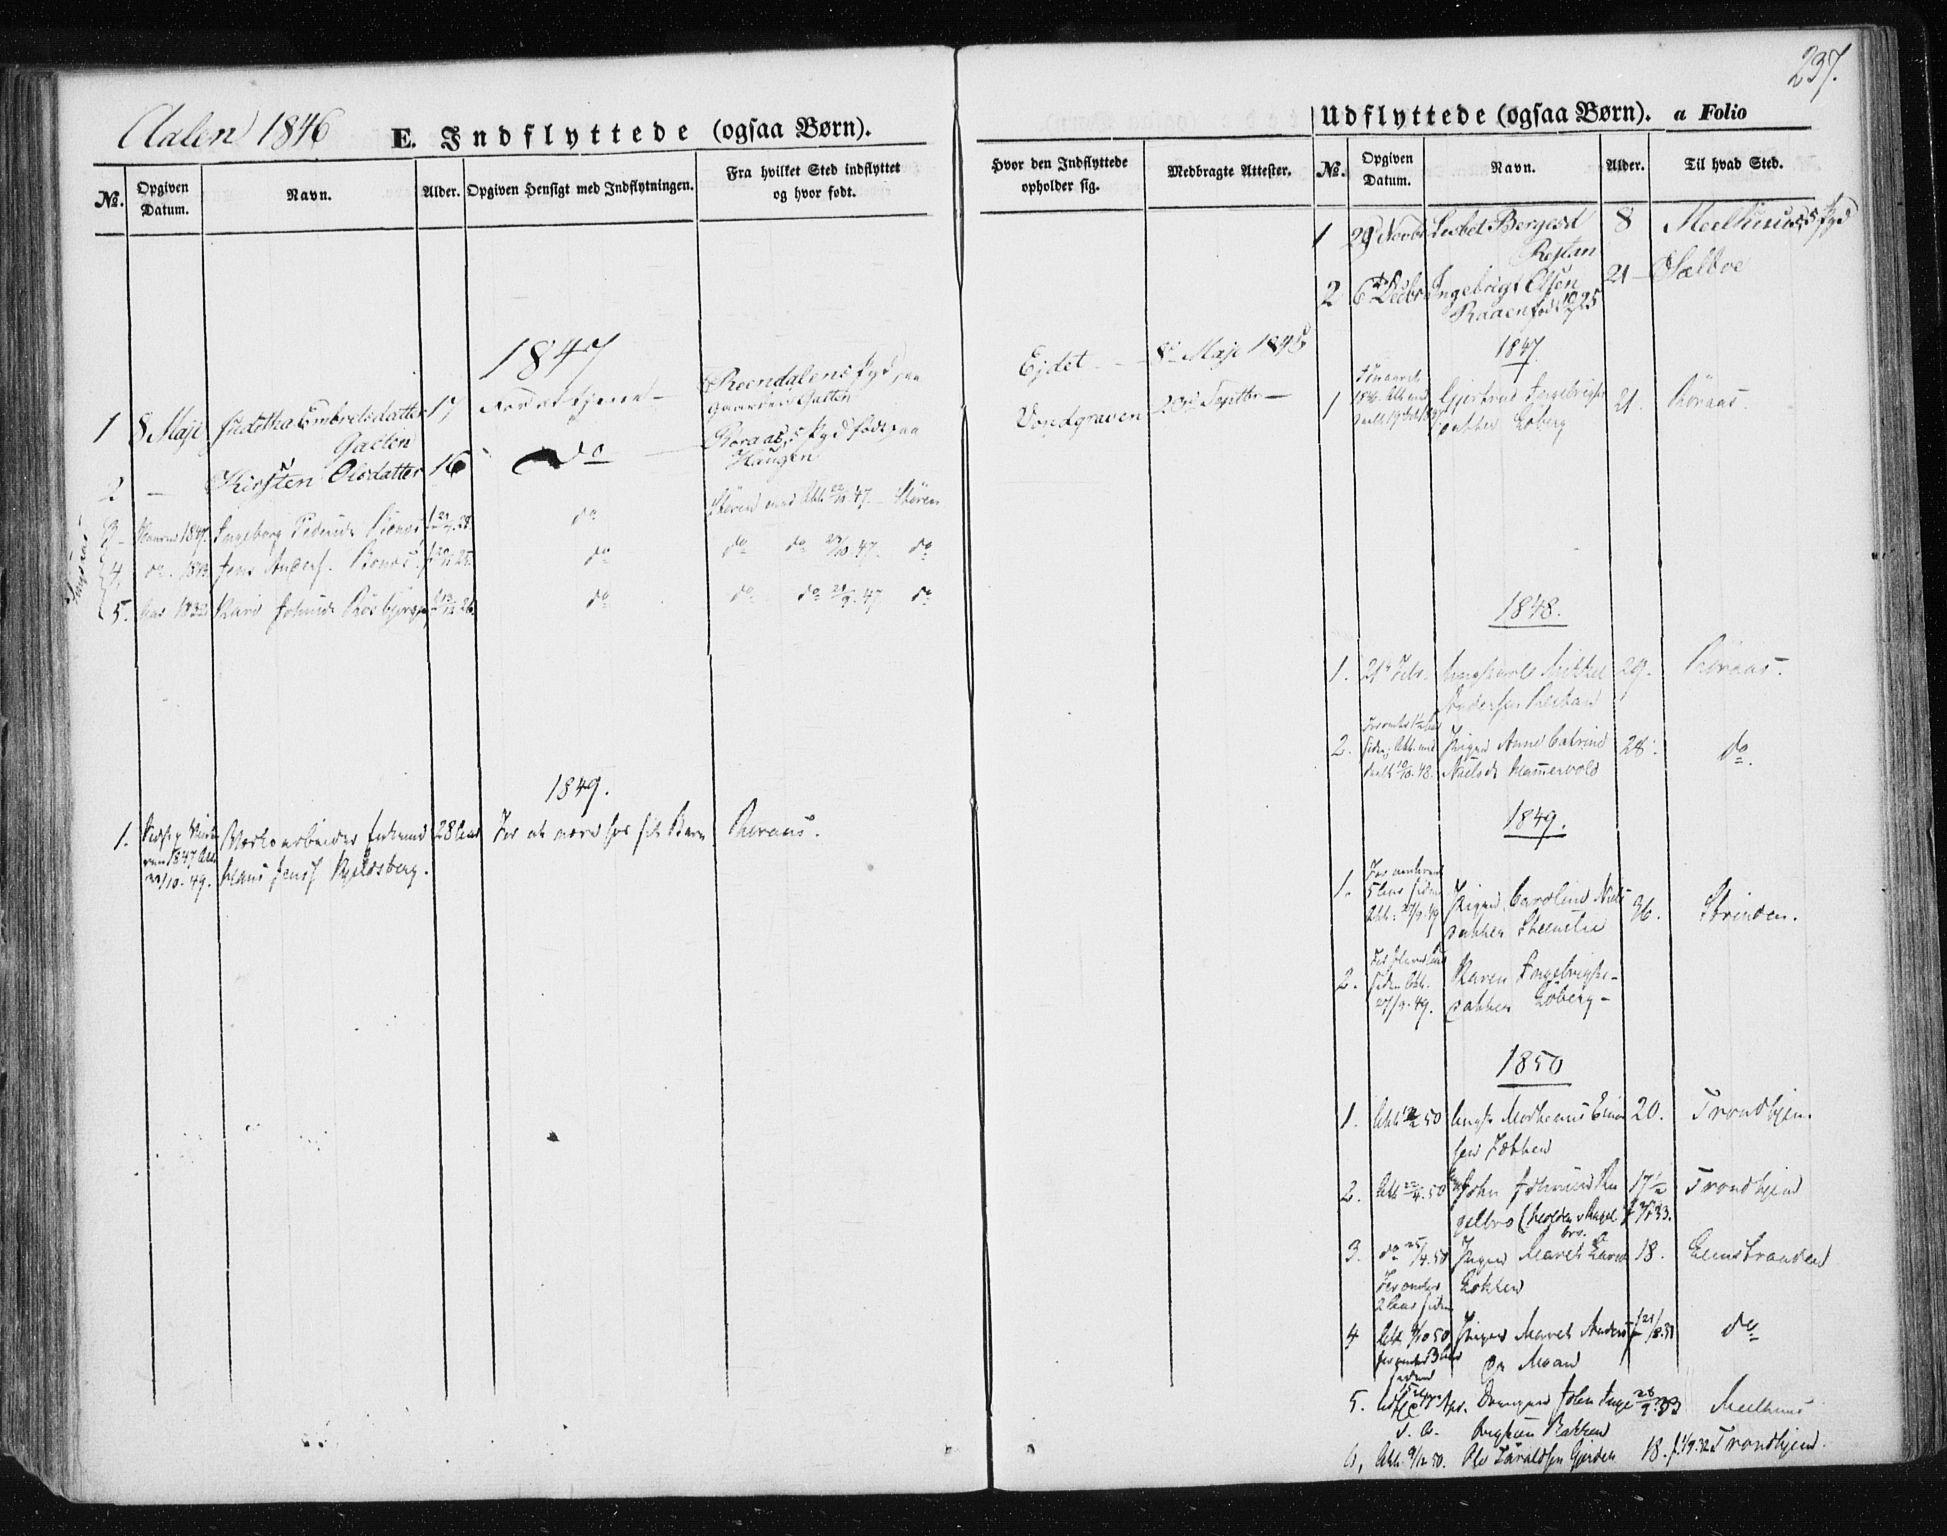 SAT, Ministerialprotokoller, klokkerbøker og fødselsregistre - Sør-Trøndelag, 685/L0965: Ministerialbok nr. 685A06 /3, 1846-1859, s. 237